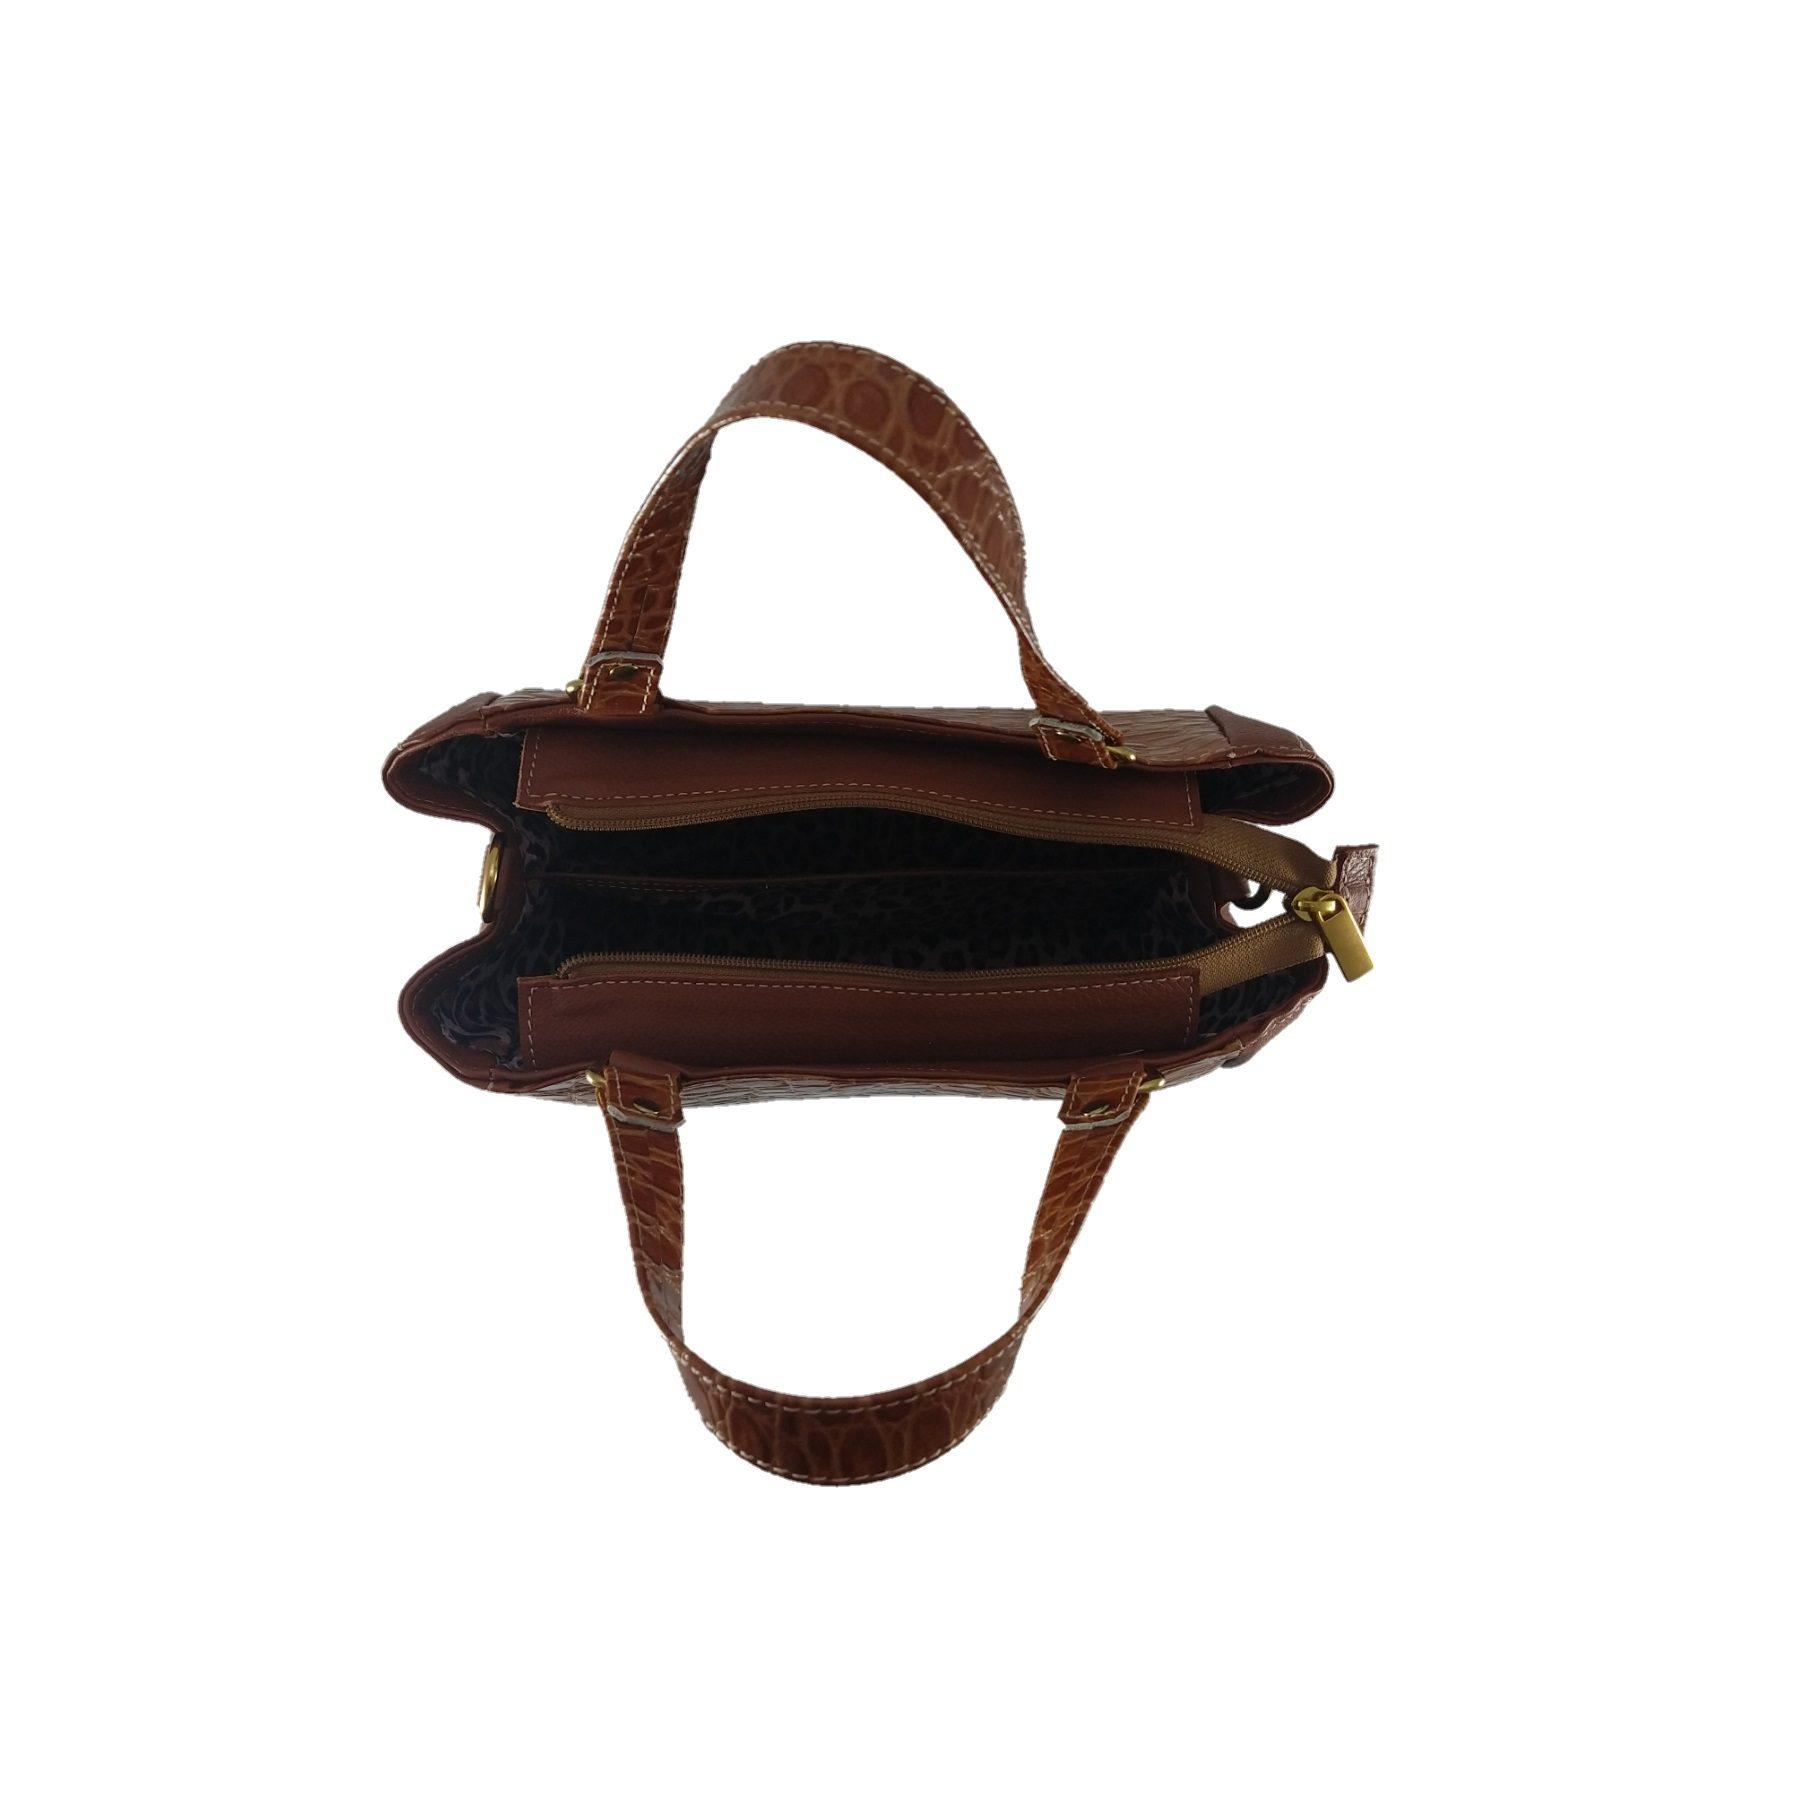 Bolsa Estruturada TopGrife Couro Caramelo  - SAPATOWEB.COM